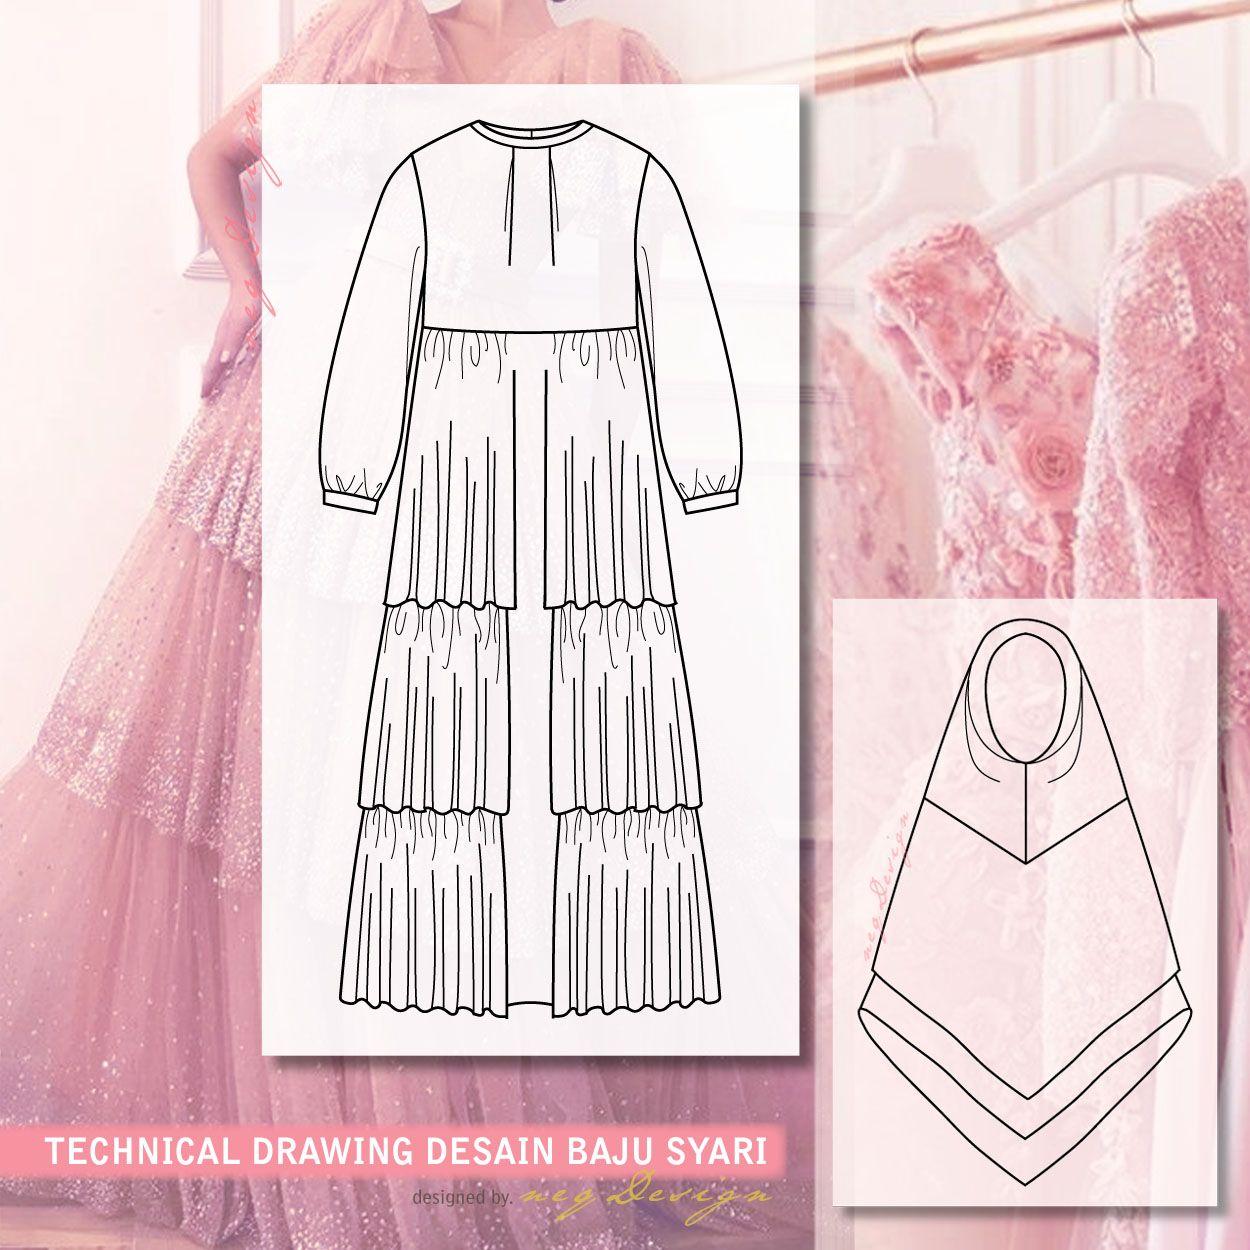 Desain Baju Gamis Cara Sederhana - Diary Hijaber